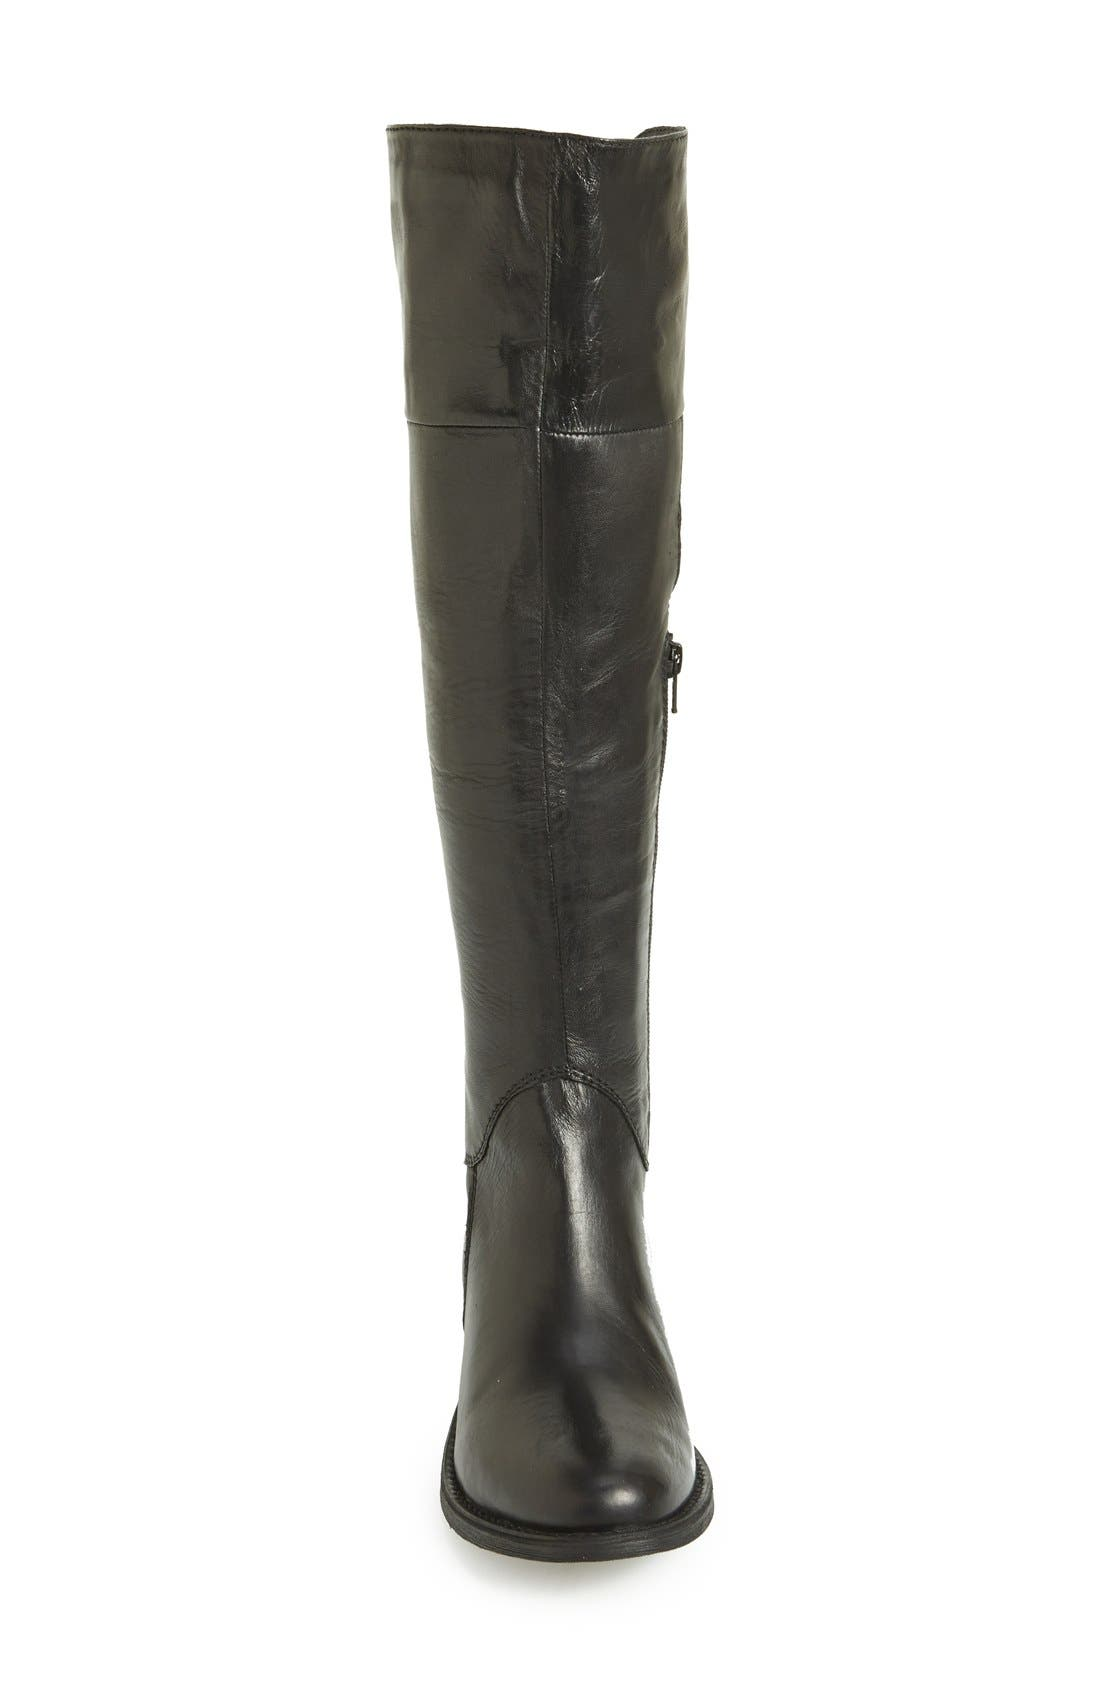 Alternate Image 3  - Steve Madden 'Nerves' Over the Knee Leather Boot (Women)